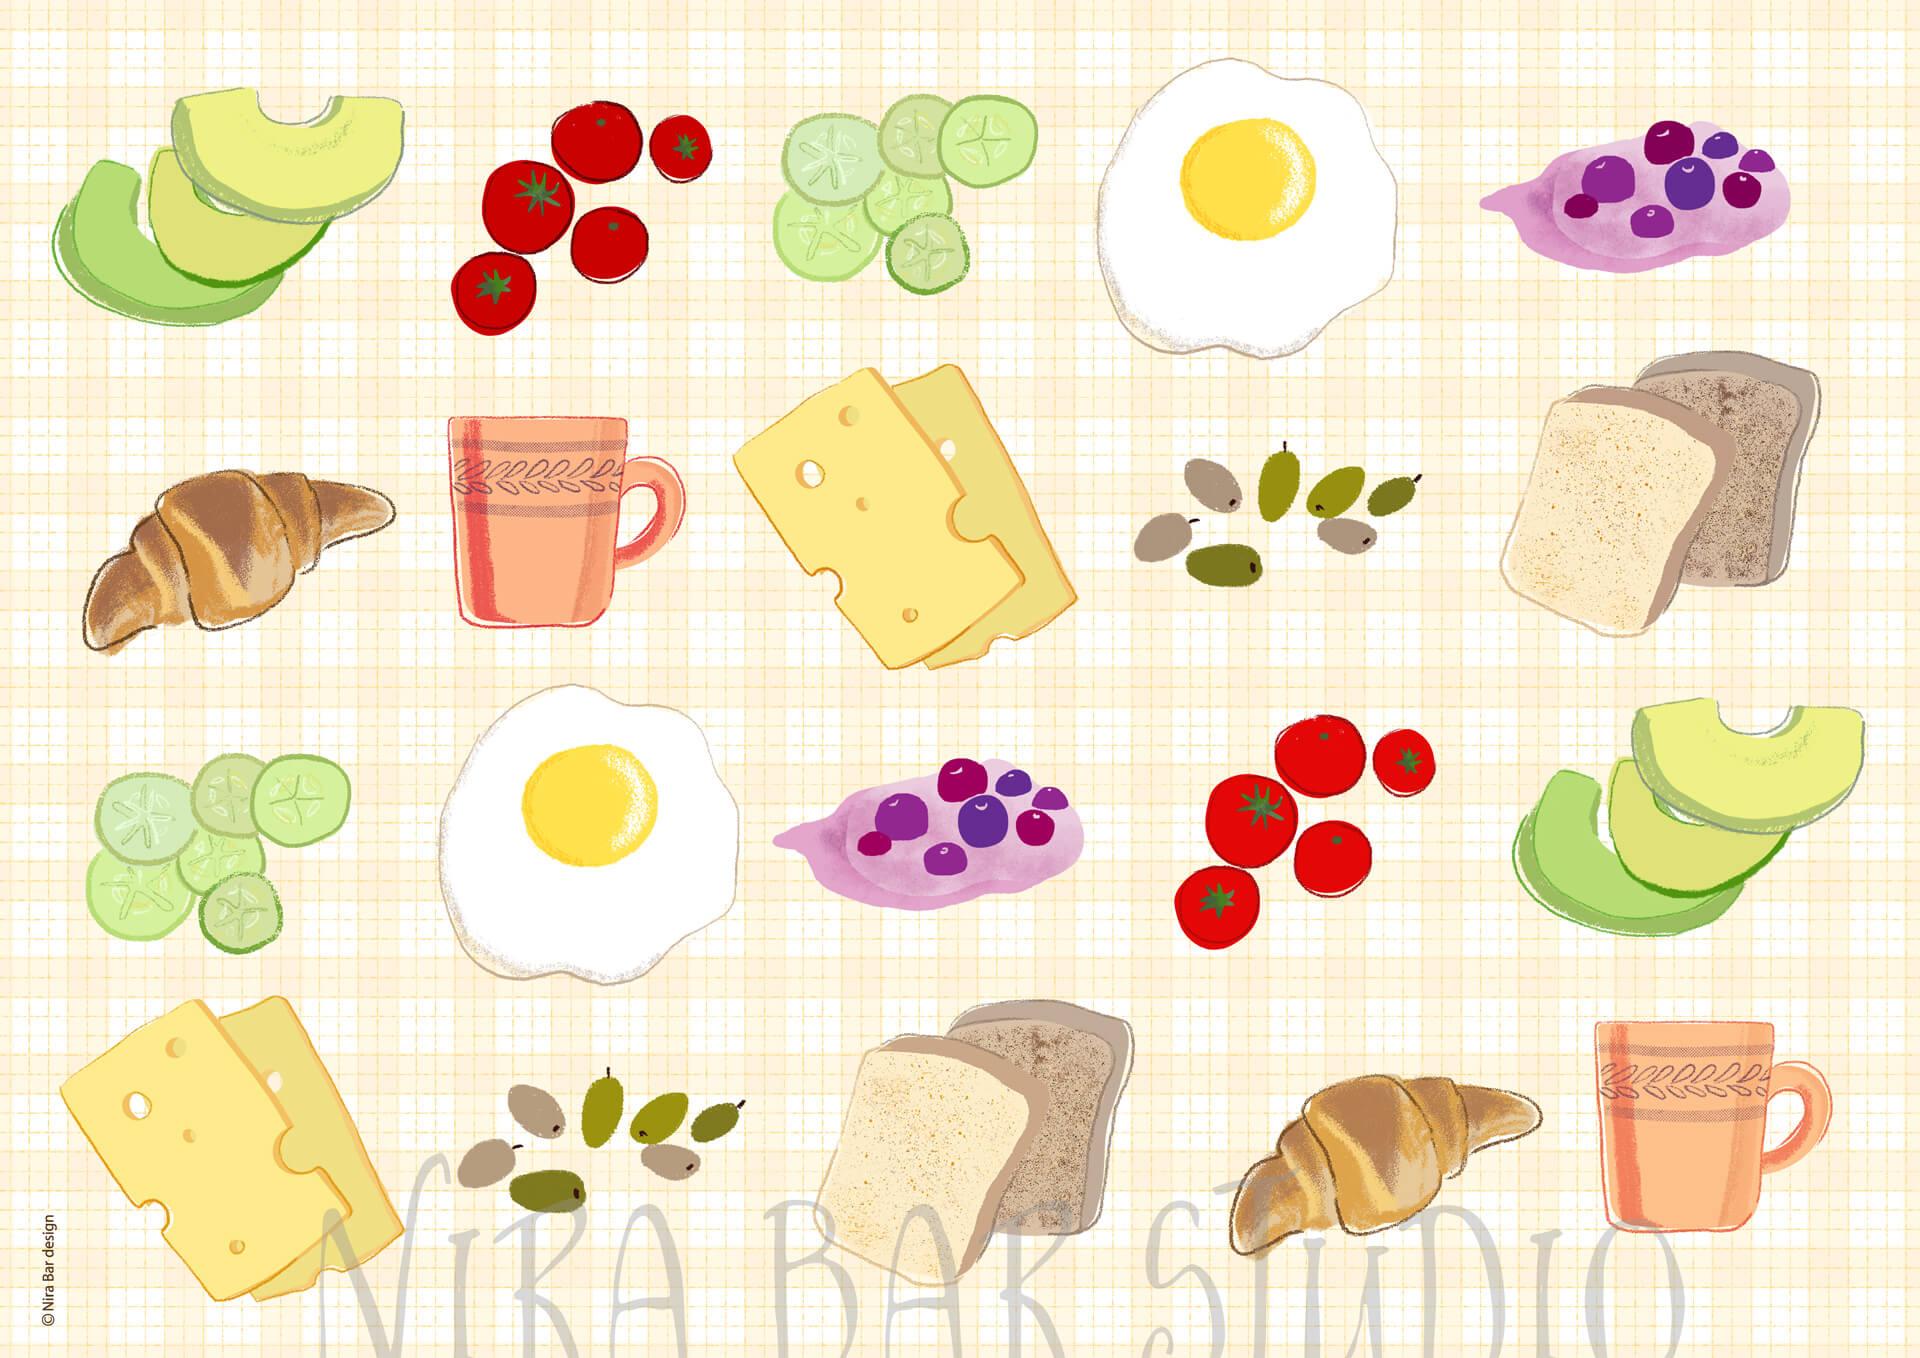 פלייסמנט ארוחת בוקר טפט